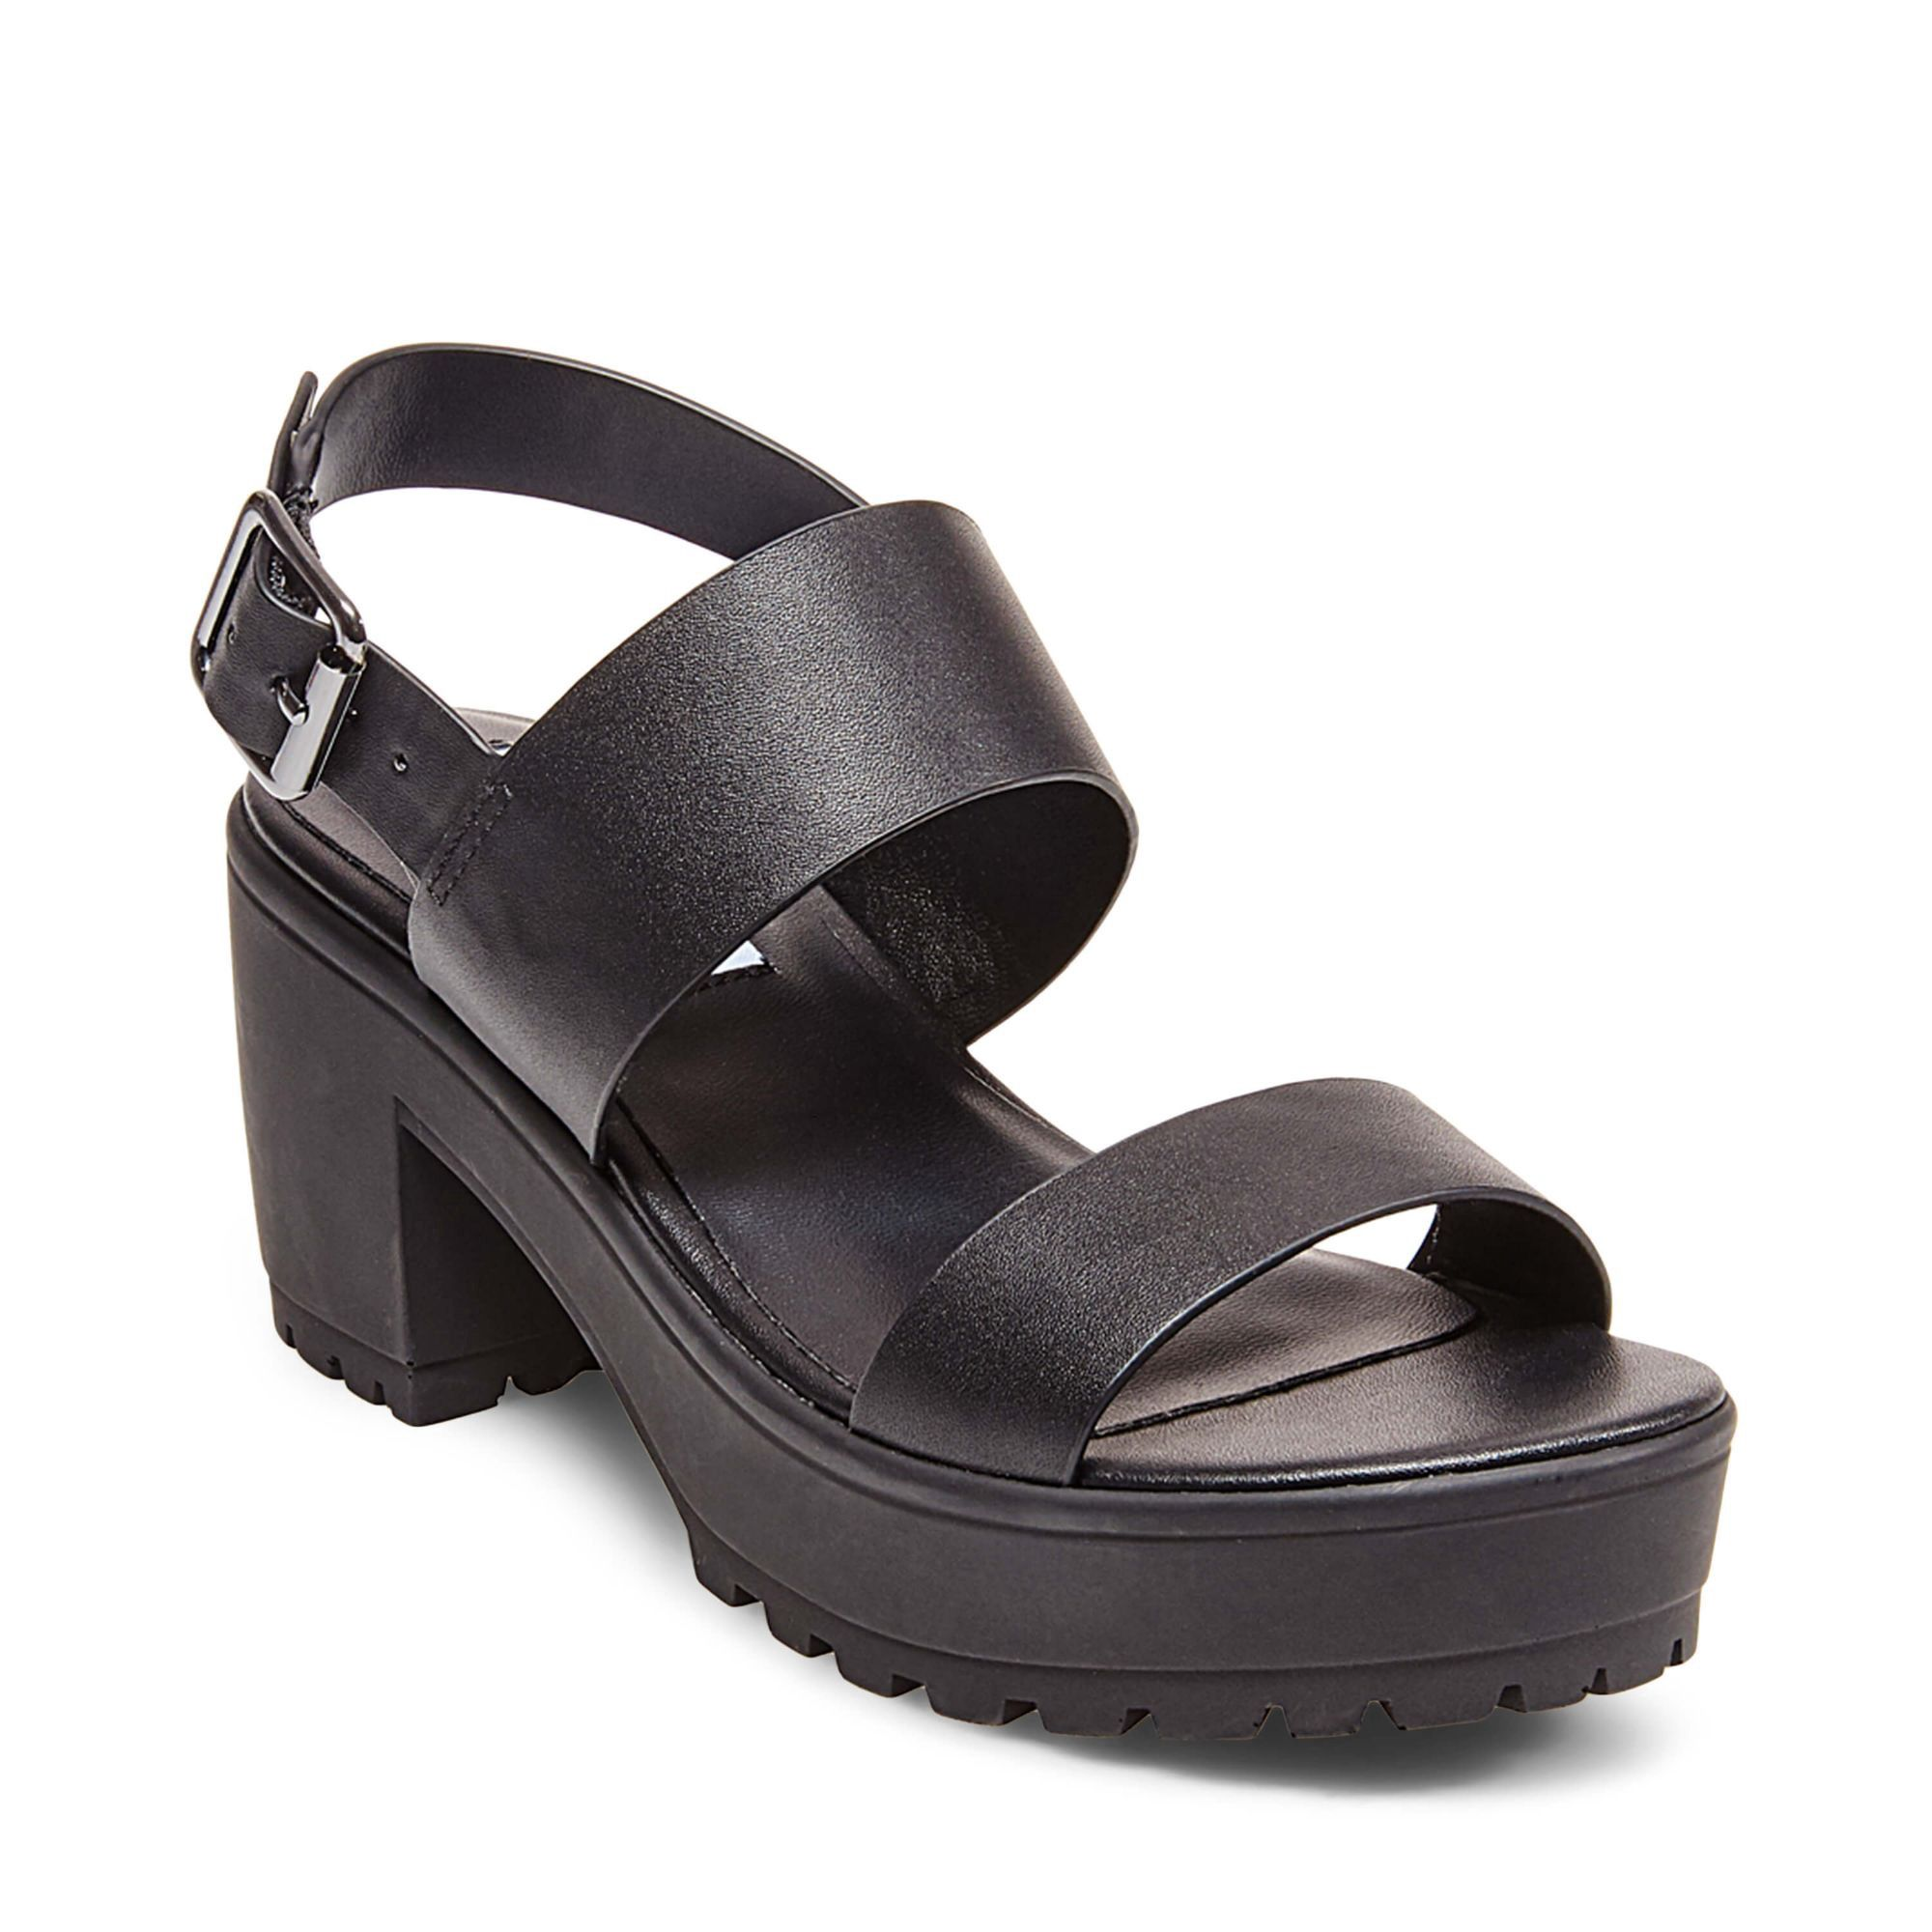 f577533452a STEVE MADDEN GELATO.  stevemadden  shoes